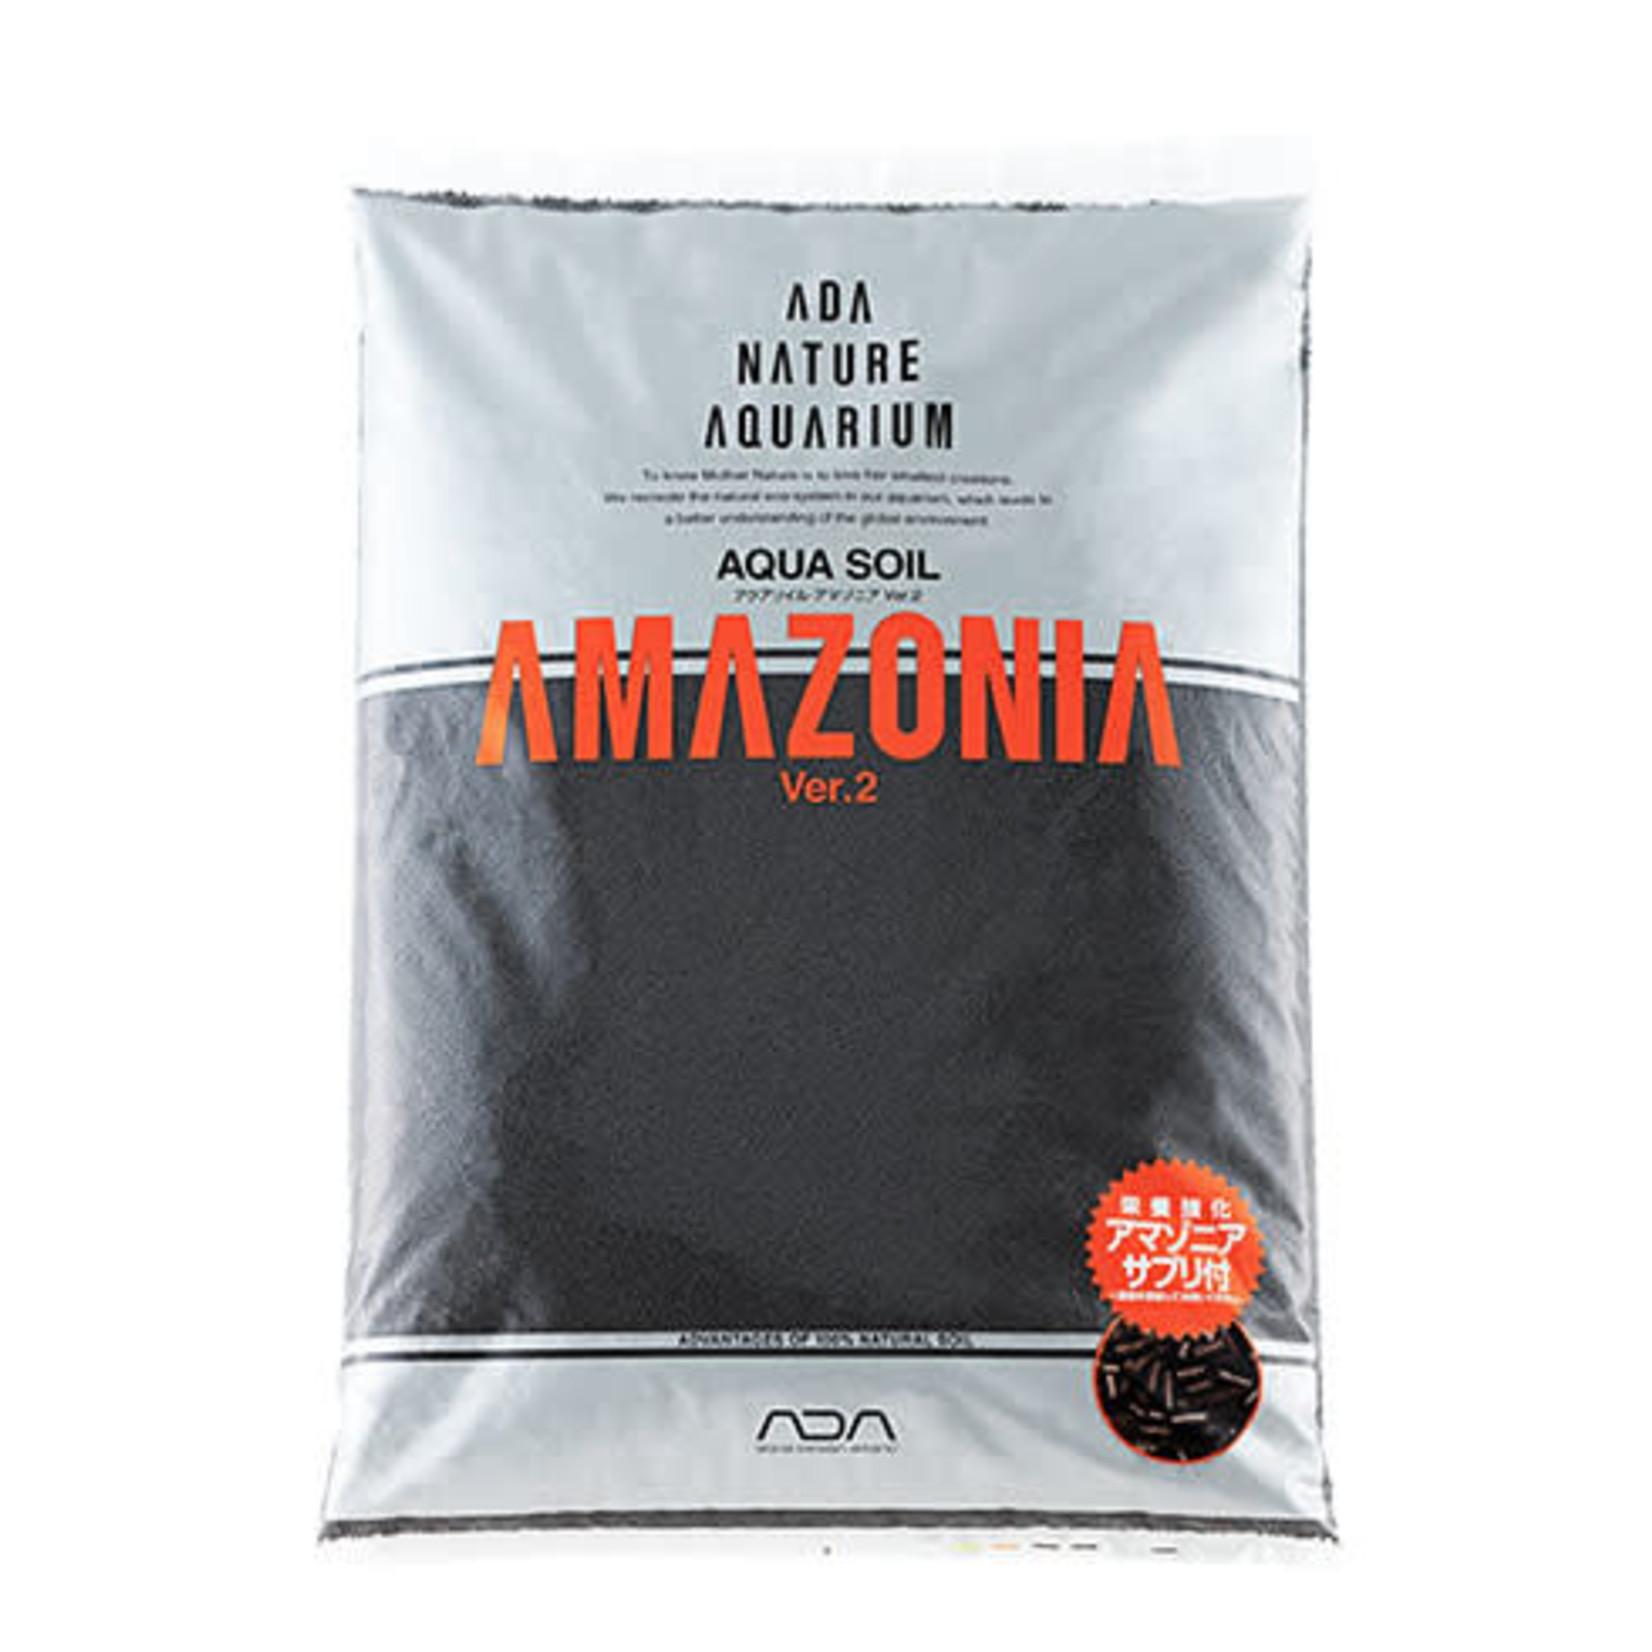 ADA Aqua Soil - Amazonia Ver.2